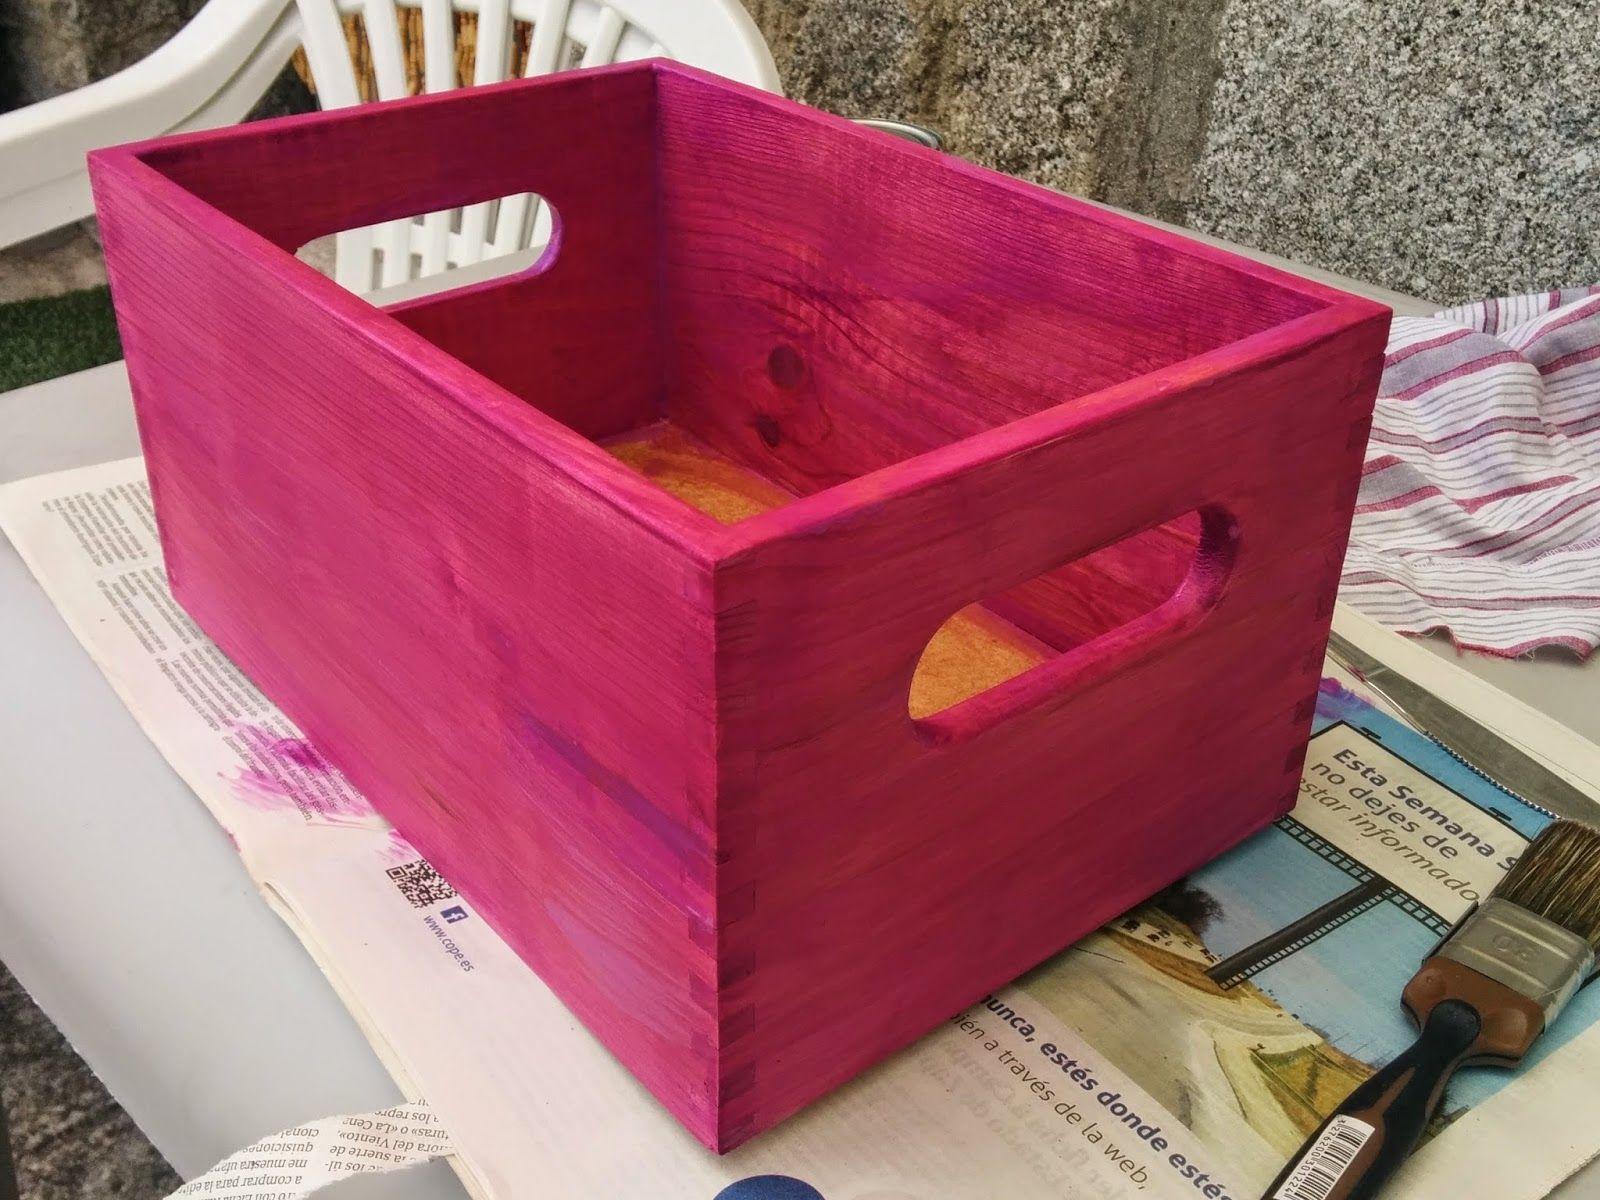 Pichi S Soup Pintar Cajas De Madera Iii Cualquier Excusa Es  ~ Leroy Merlin Cajas Organizadoras